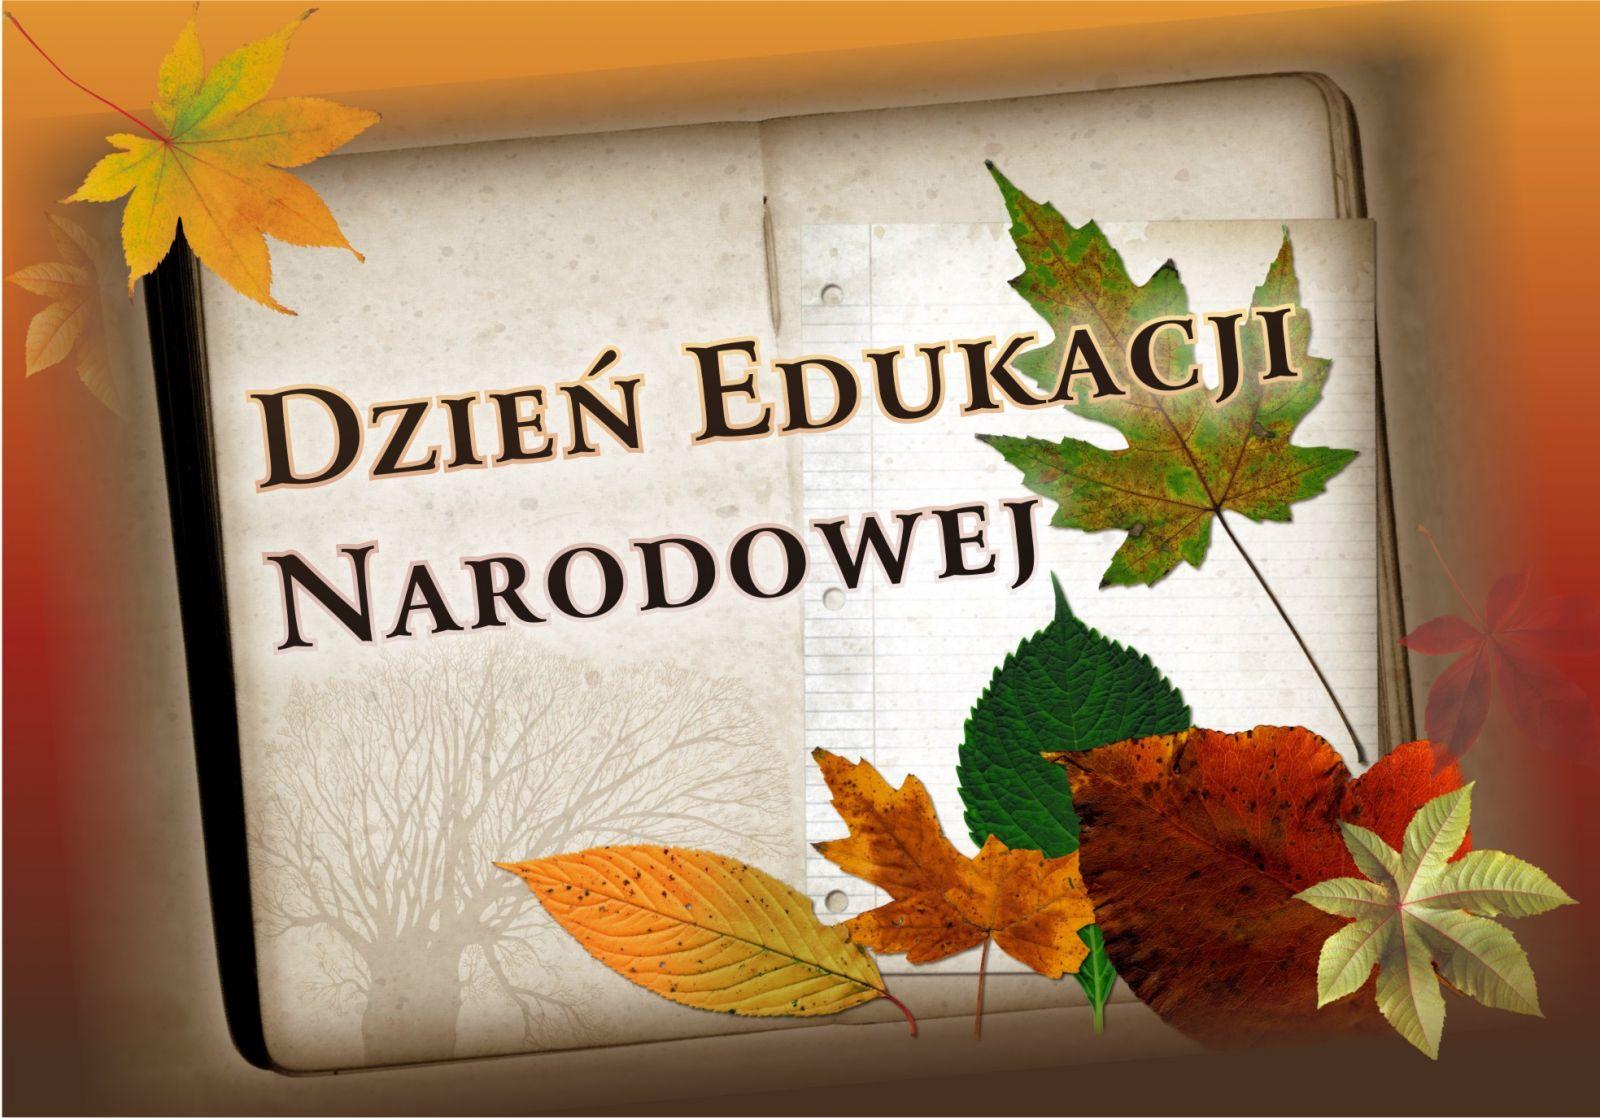 Dzień Edukacji Narodowej!